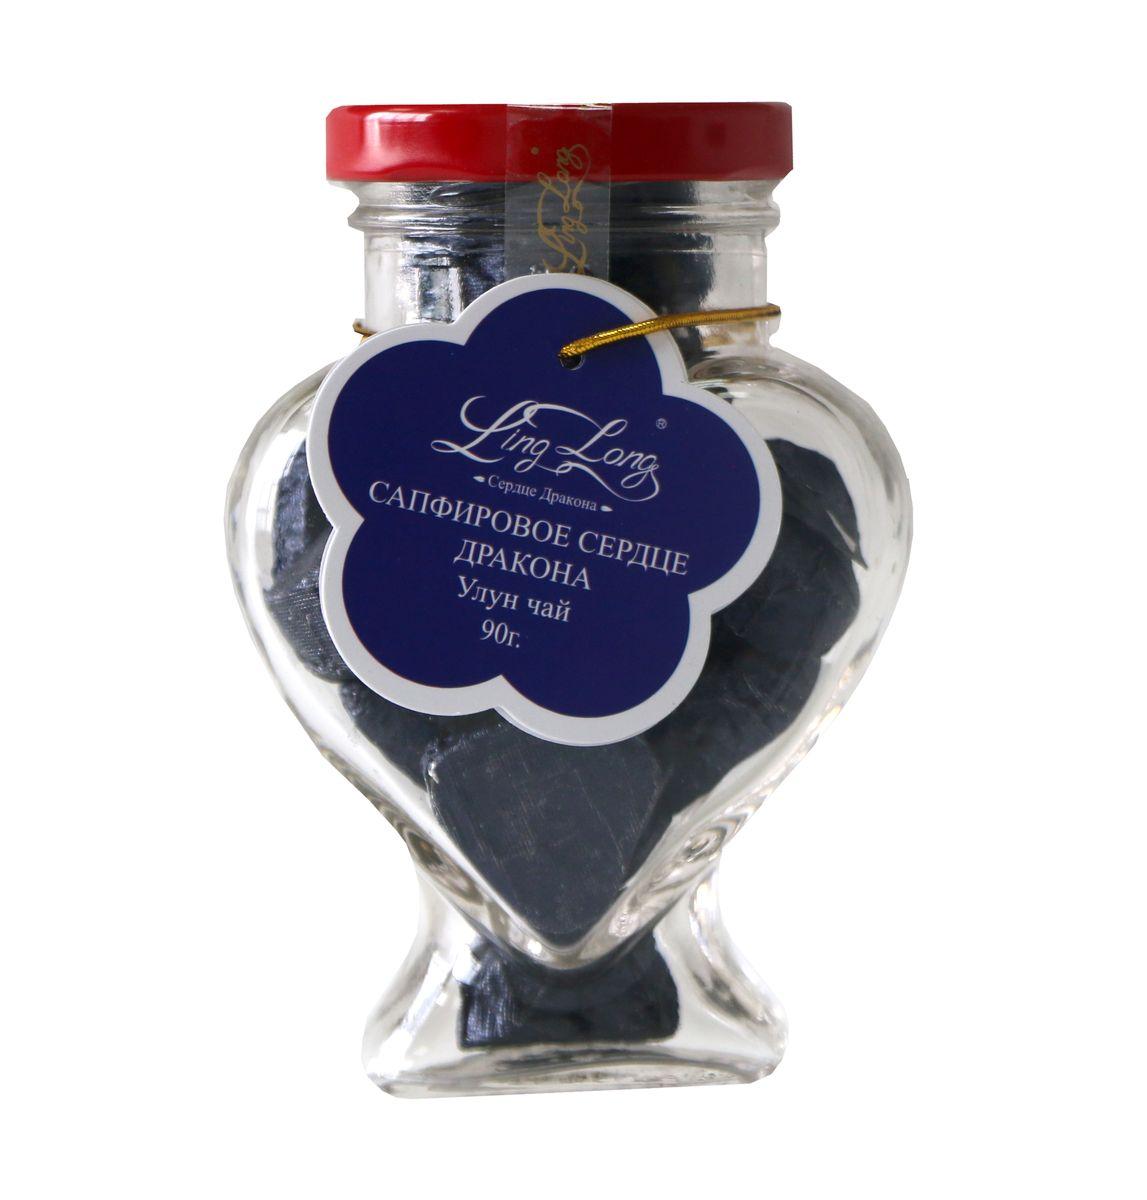 Ling Long Сапфировое сердце дракона листовой чай улун, 90 г (стеклянная банка)